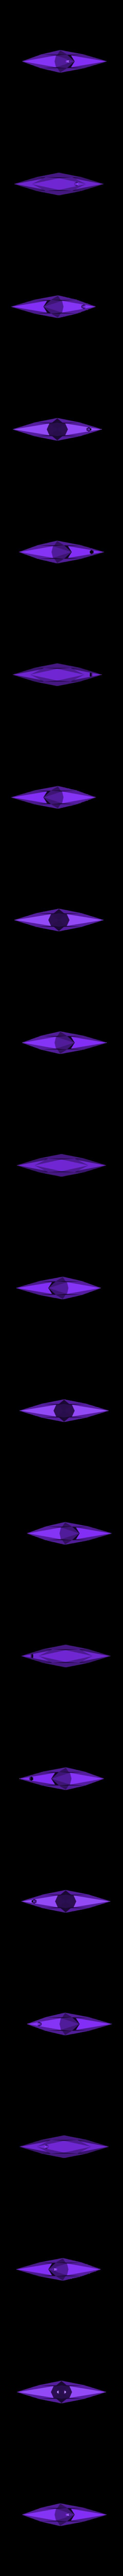 FacetedStar-Solid-Pendant.stl Télécharger fichier STL gratuit Décorations d'étoiles facettées • Design pour impression 3D, tone001